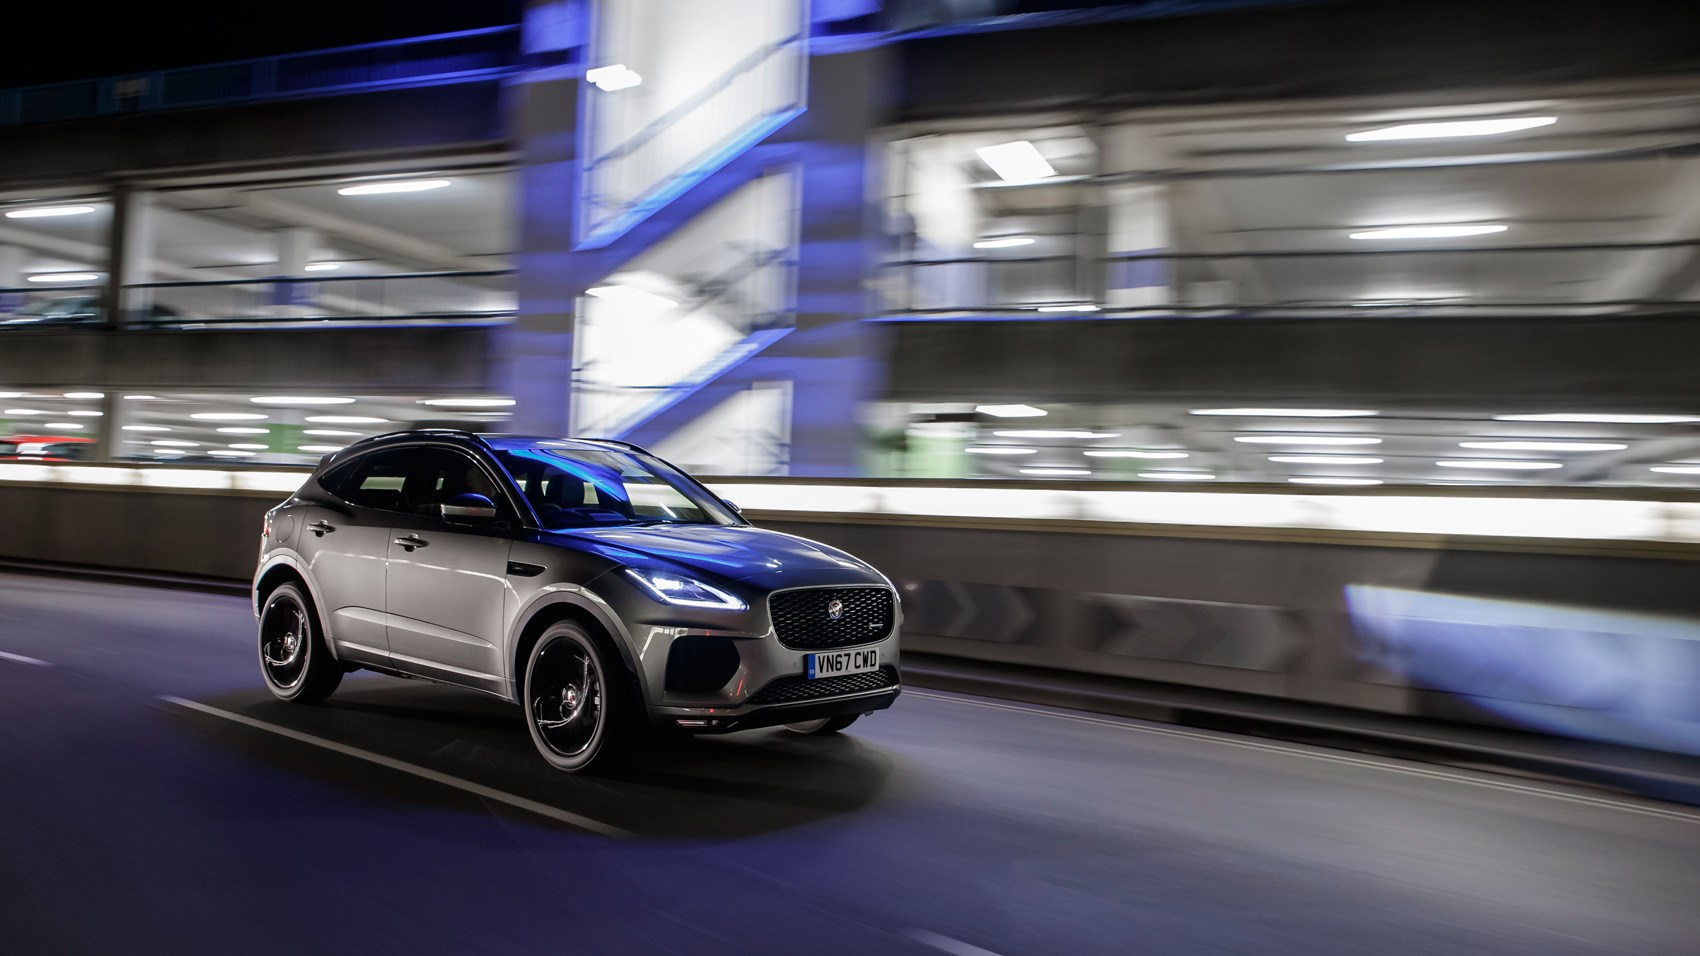 Suv Lease Deals >> Jaguar E-Pace SUV (2017) review | CAR Magazine